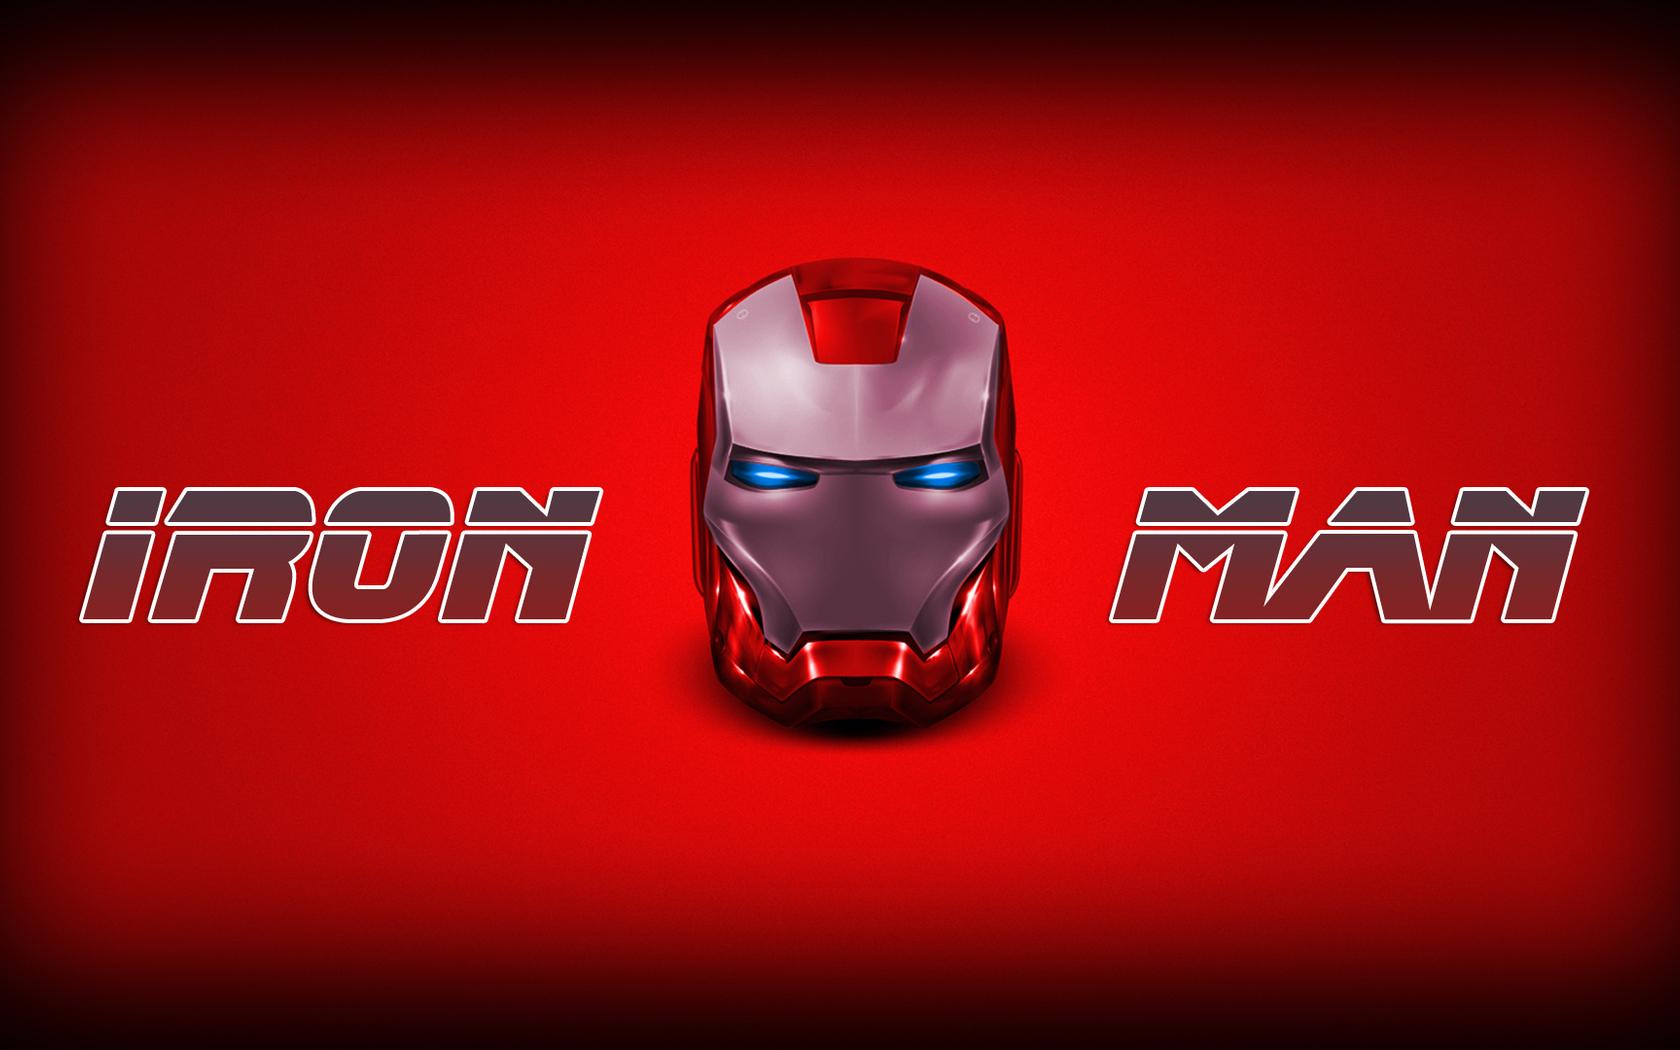 Wallpaper Supernatural 3d Iron Man Desktop Background Pixelstalk Net